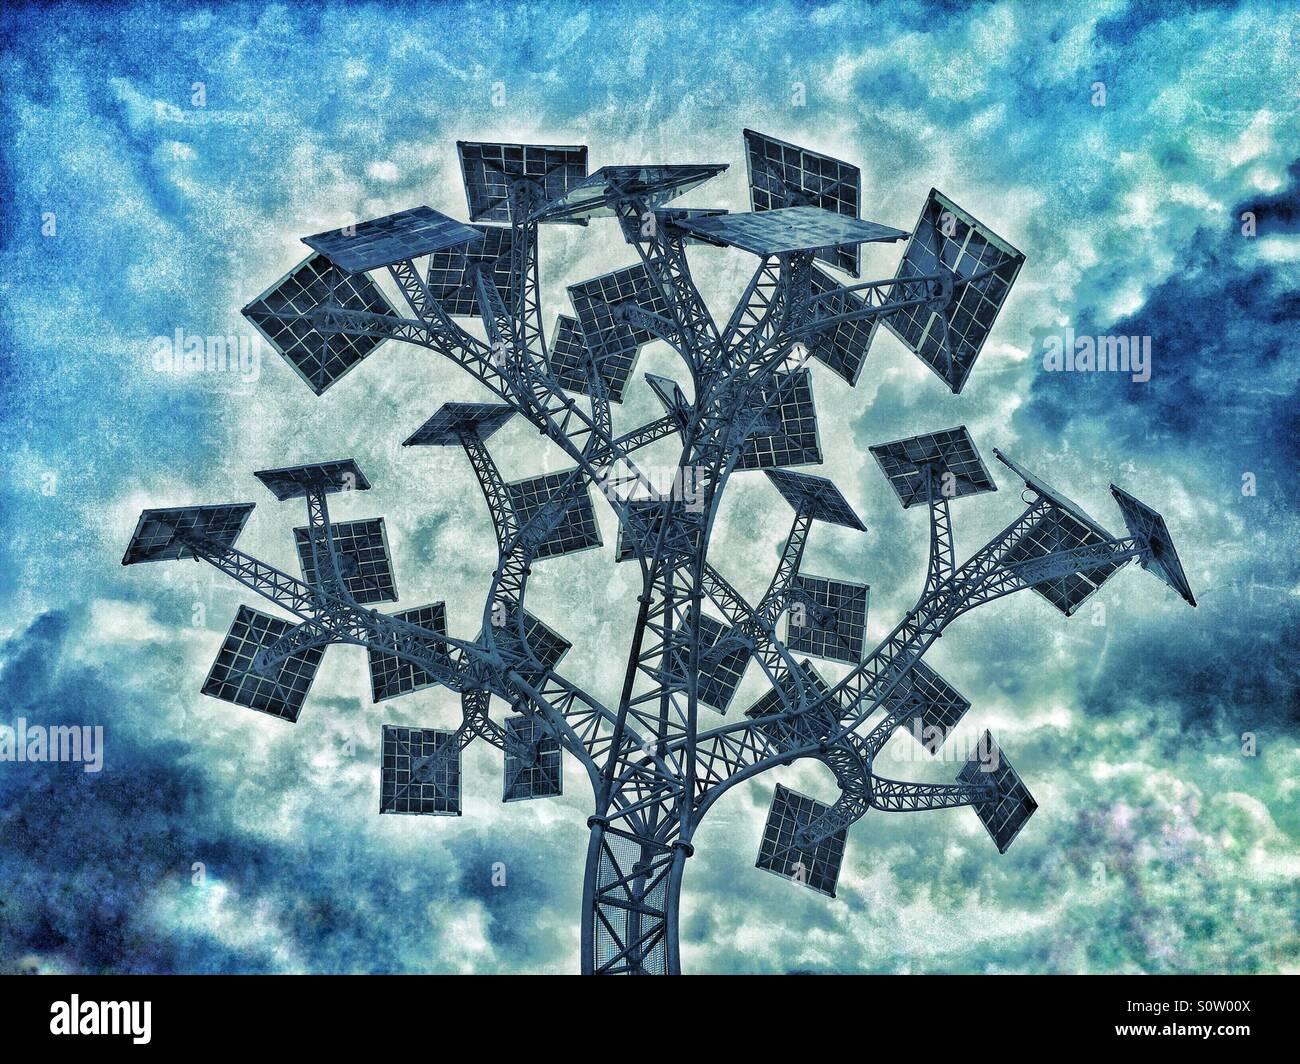 L'arbre de l'énergie à la place du millénaire, Bristol, Angleterre. L'énergie libre, prévu pour le grand public Banque D'Images